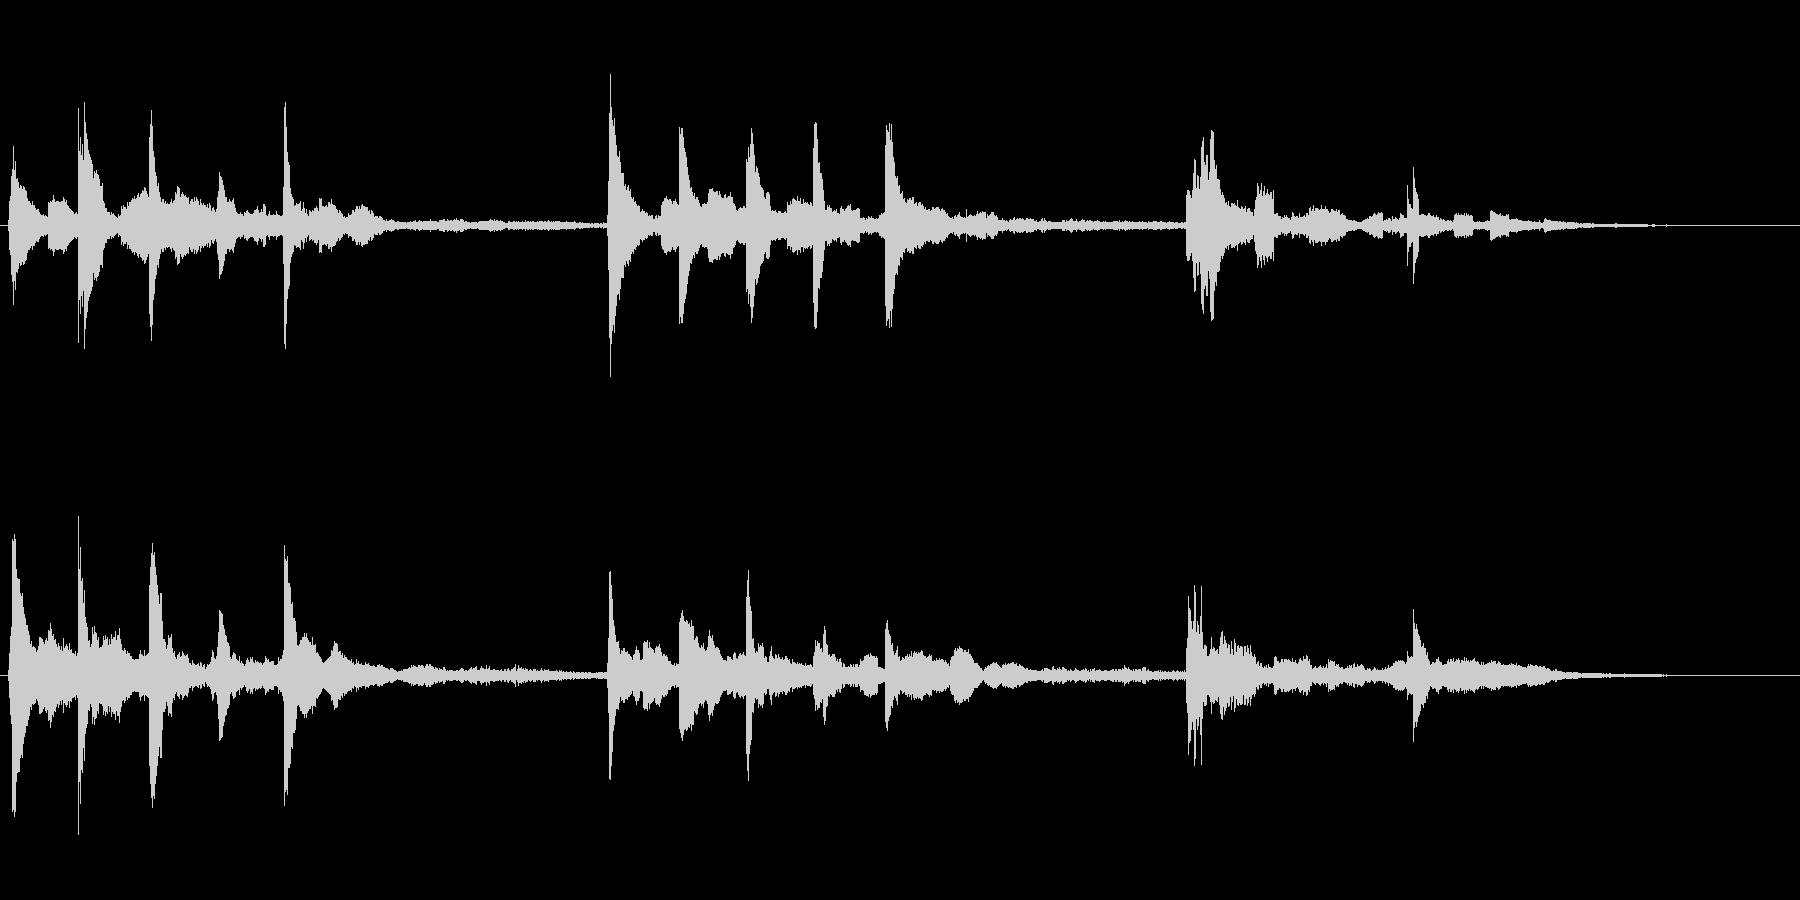 星の世界 透明感のあるファンタジーな音の未再生の波形